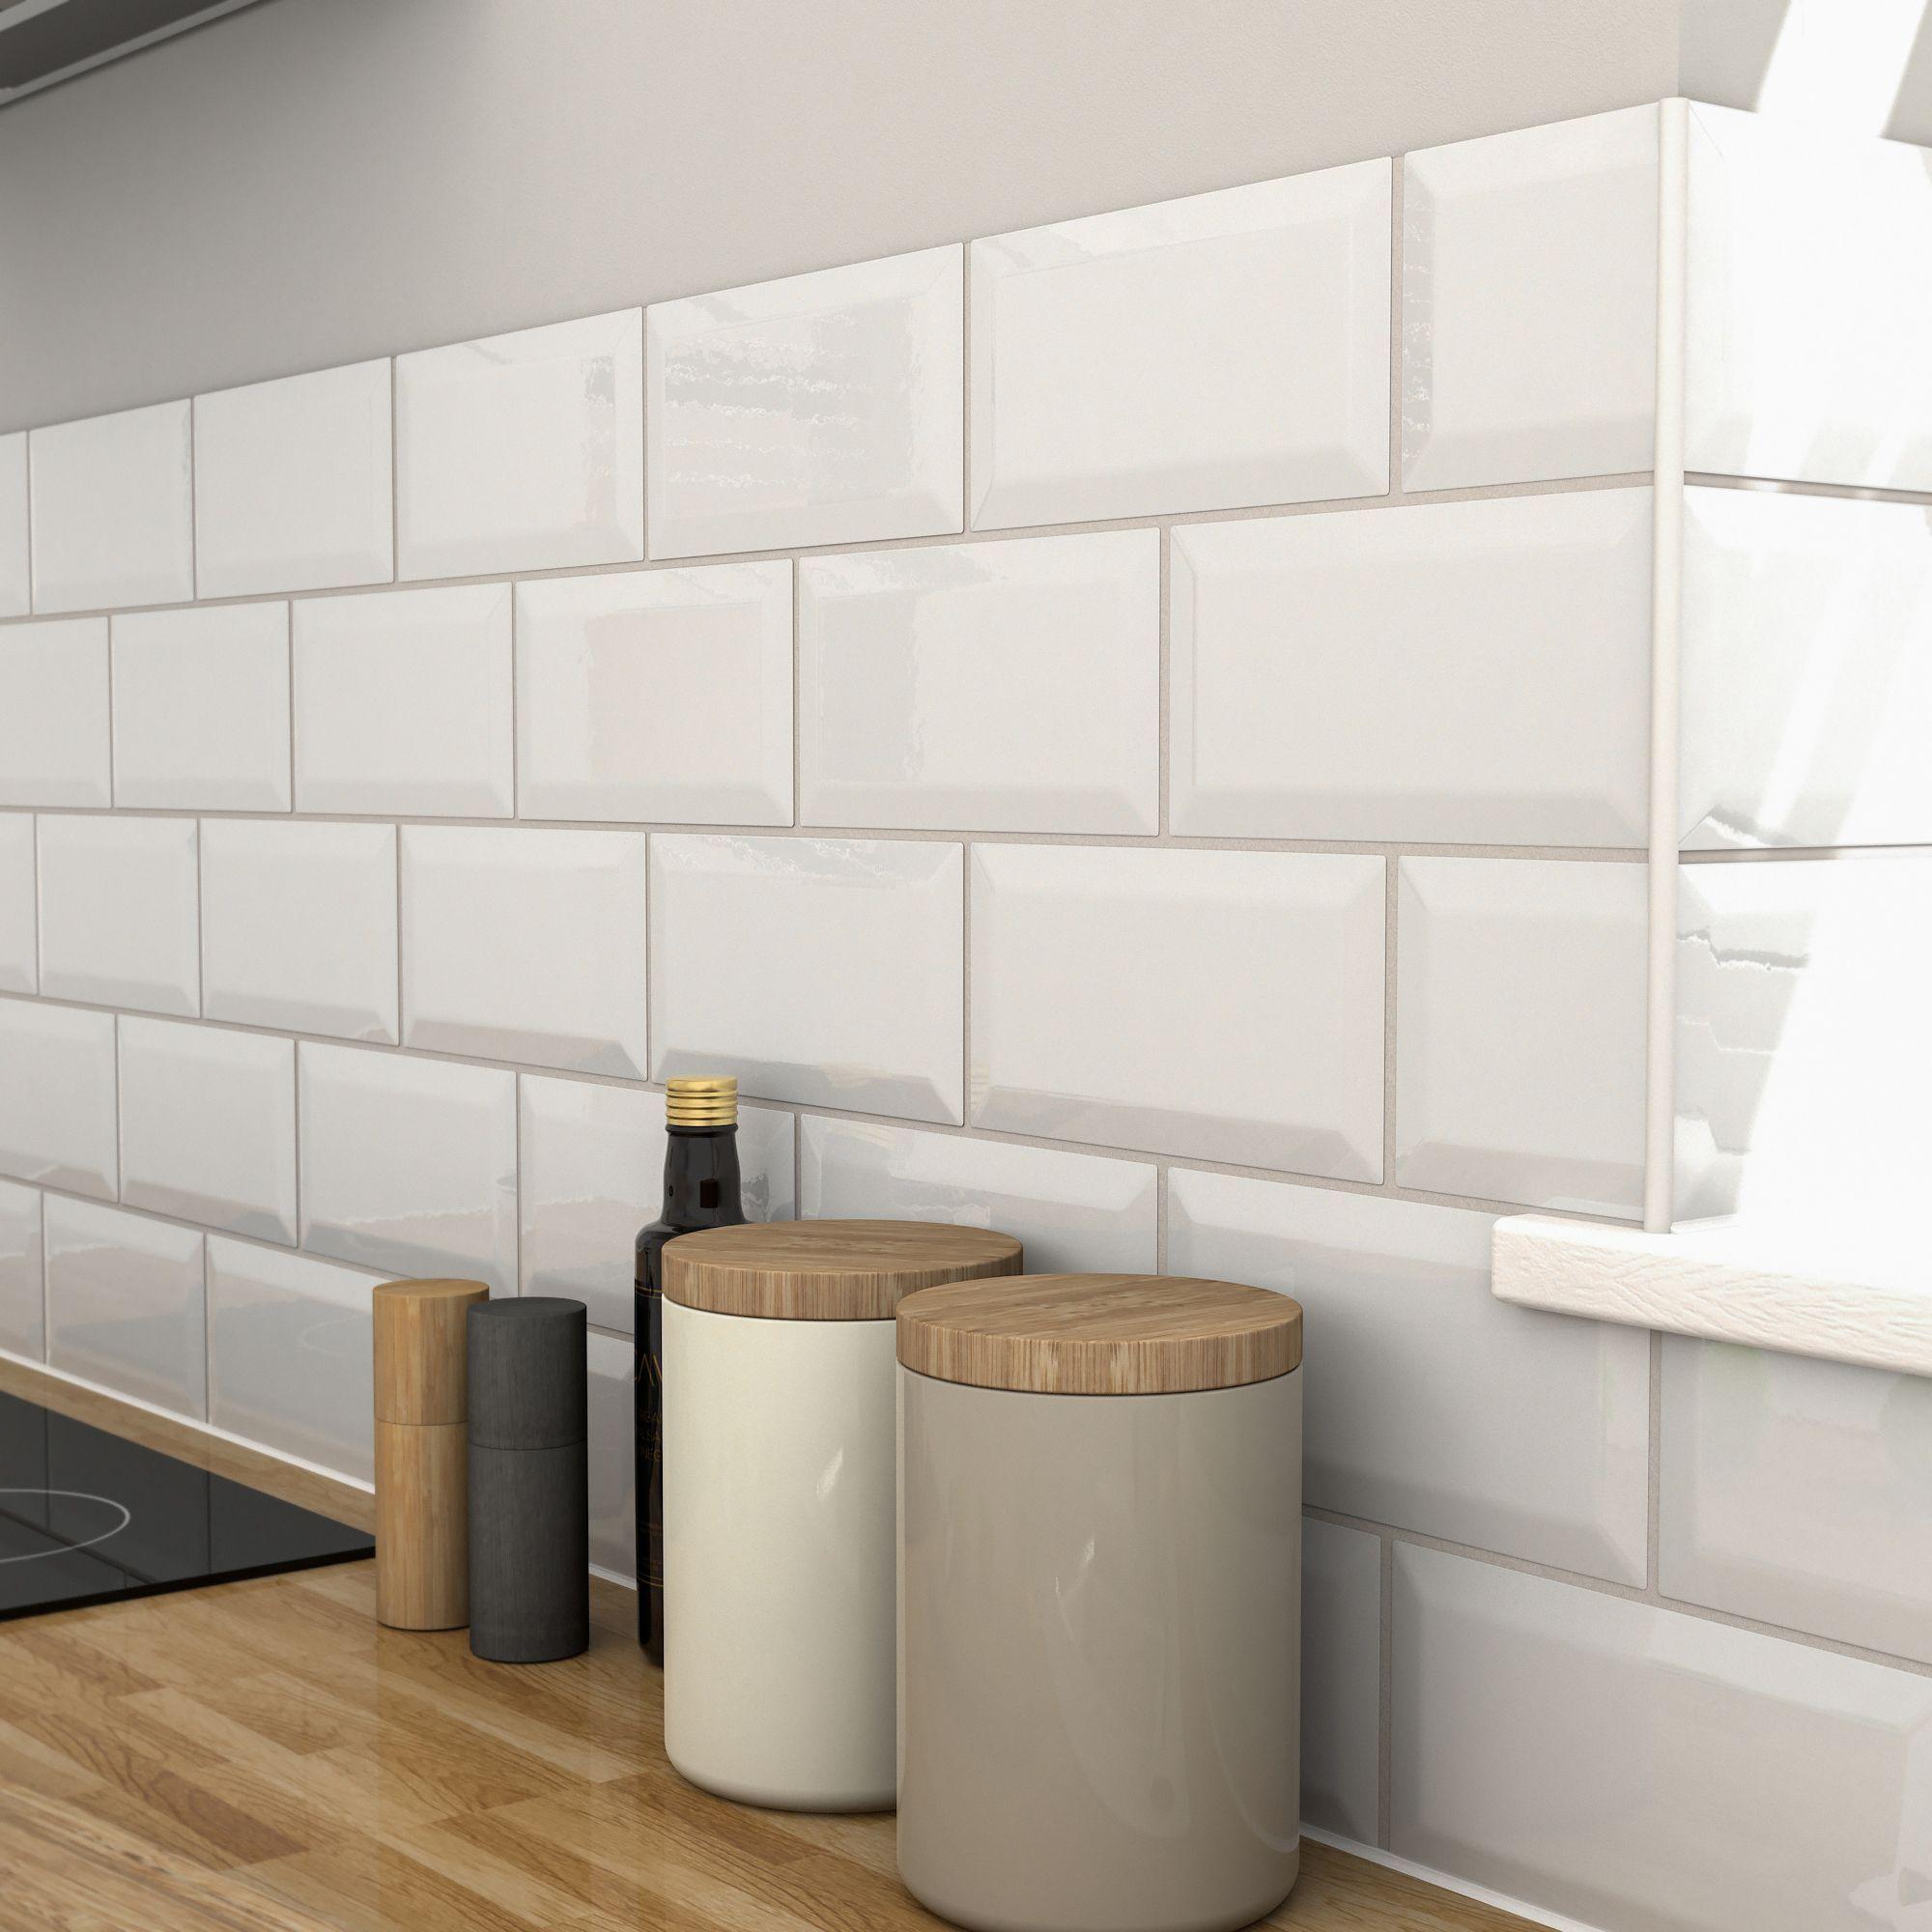 Trentie White Gloss Ceramic Wall Tile Pack Of 40 L